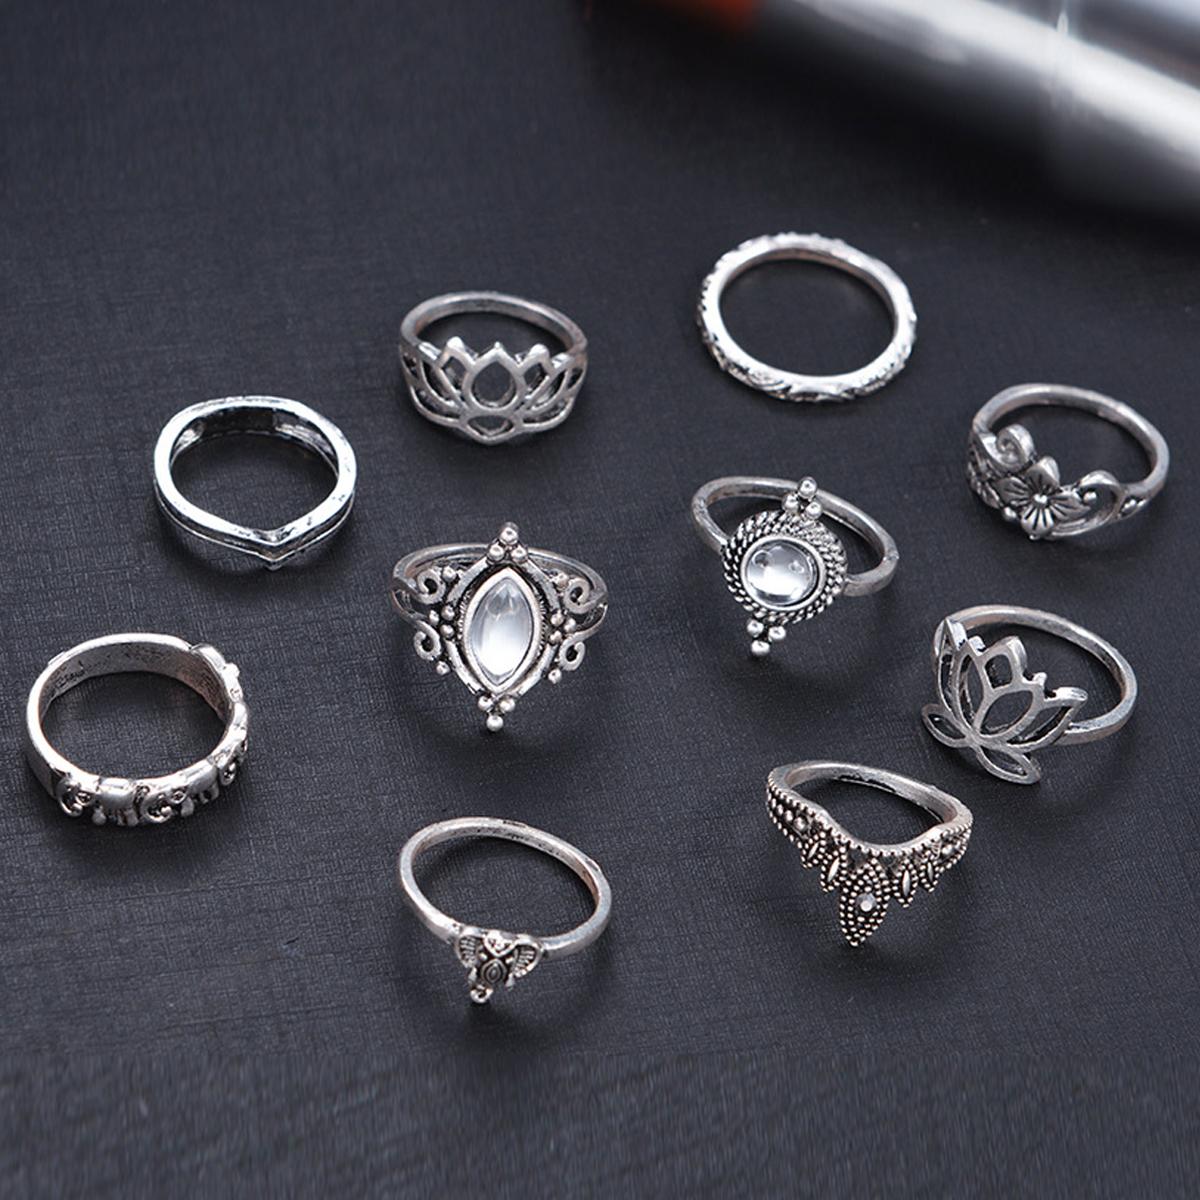 Silver 10pcs/Set Vintage Bohemian Ring Set (Less than 1$ each)